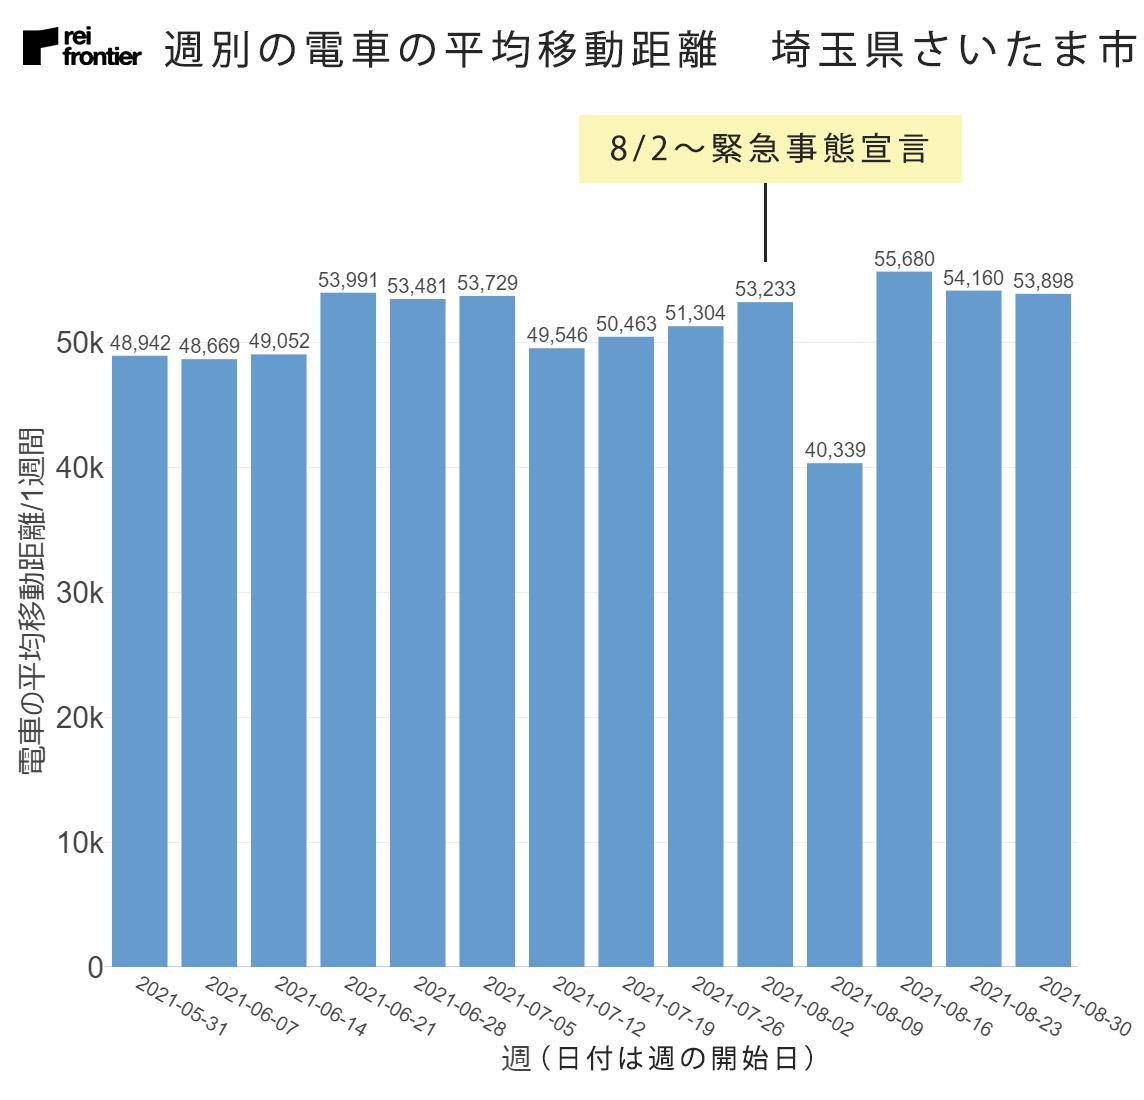 週別の電車の平均移動距離 埼玉県さいたま市